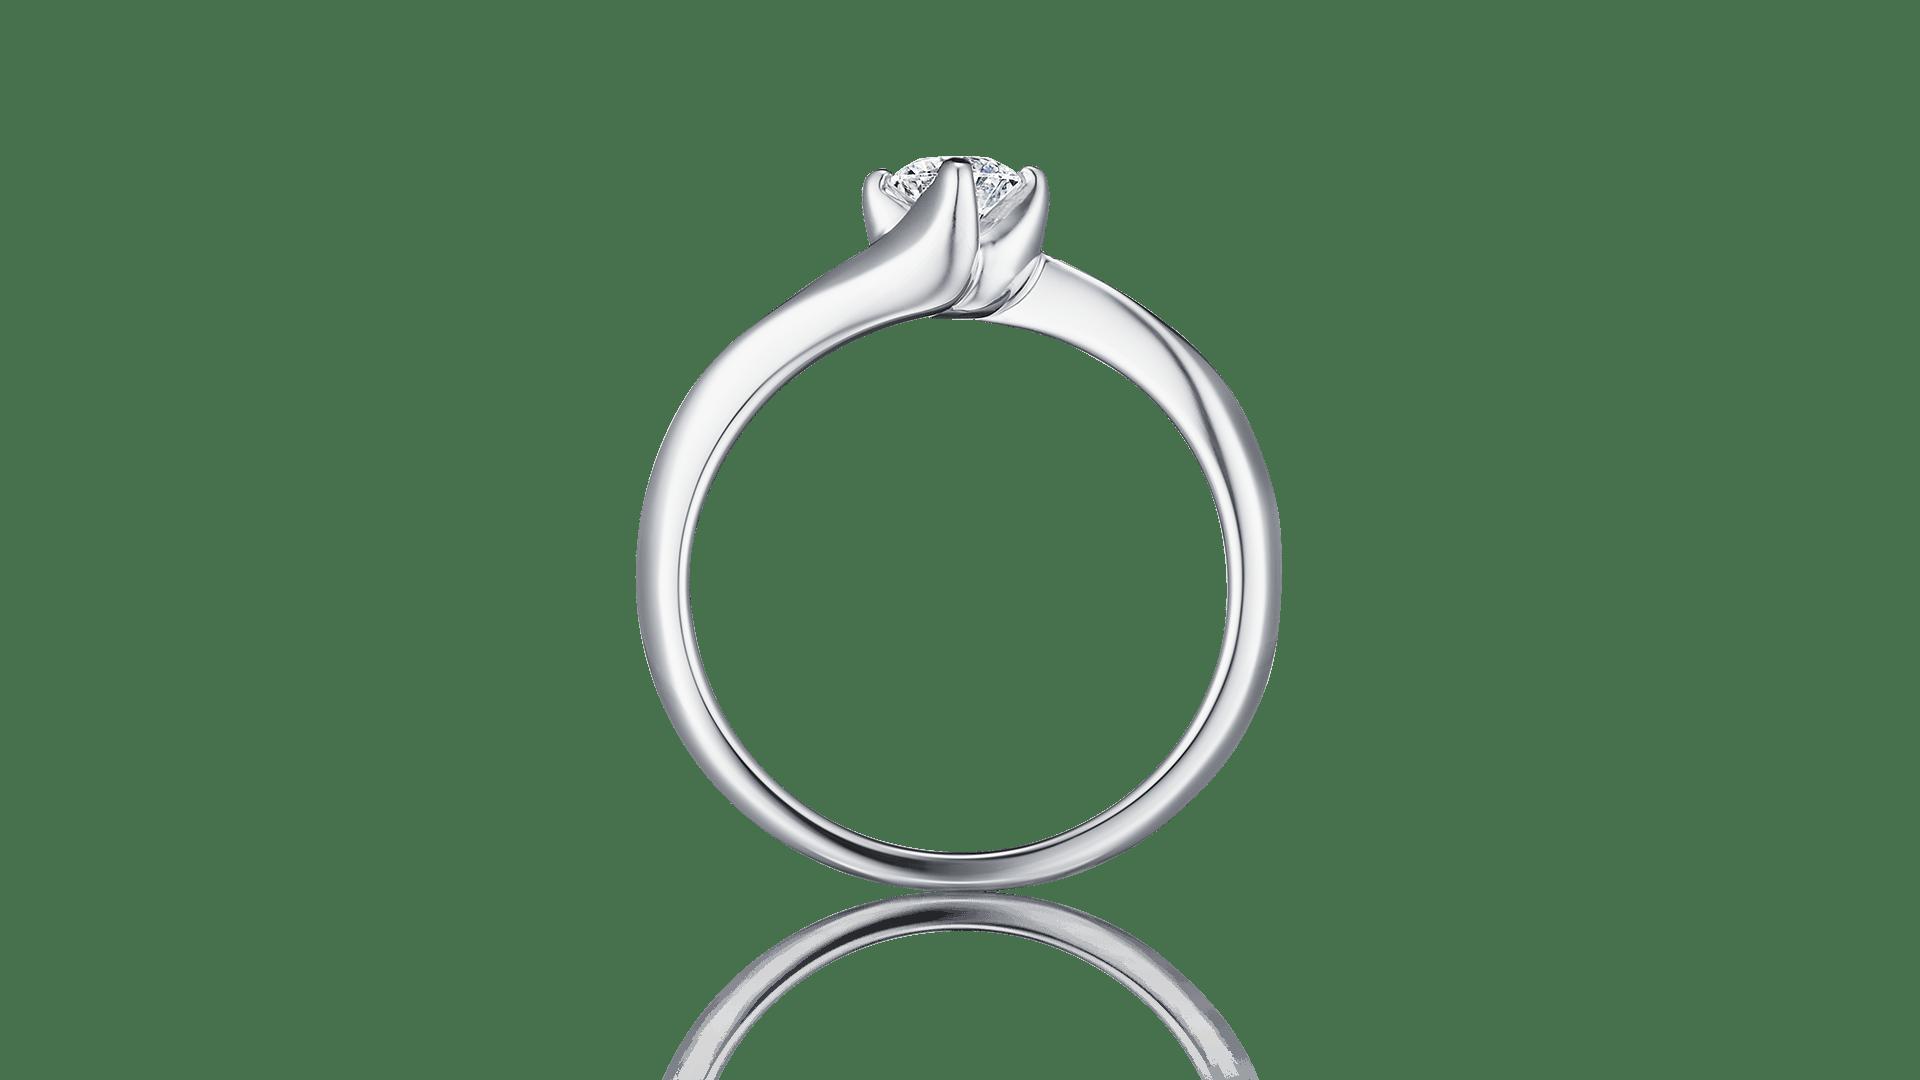 archel アーケル | 婚約指輪サムネイル 2